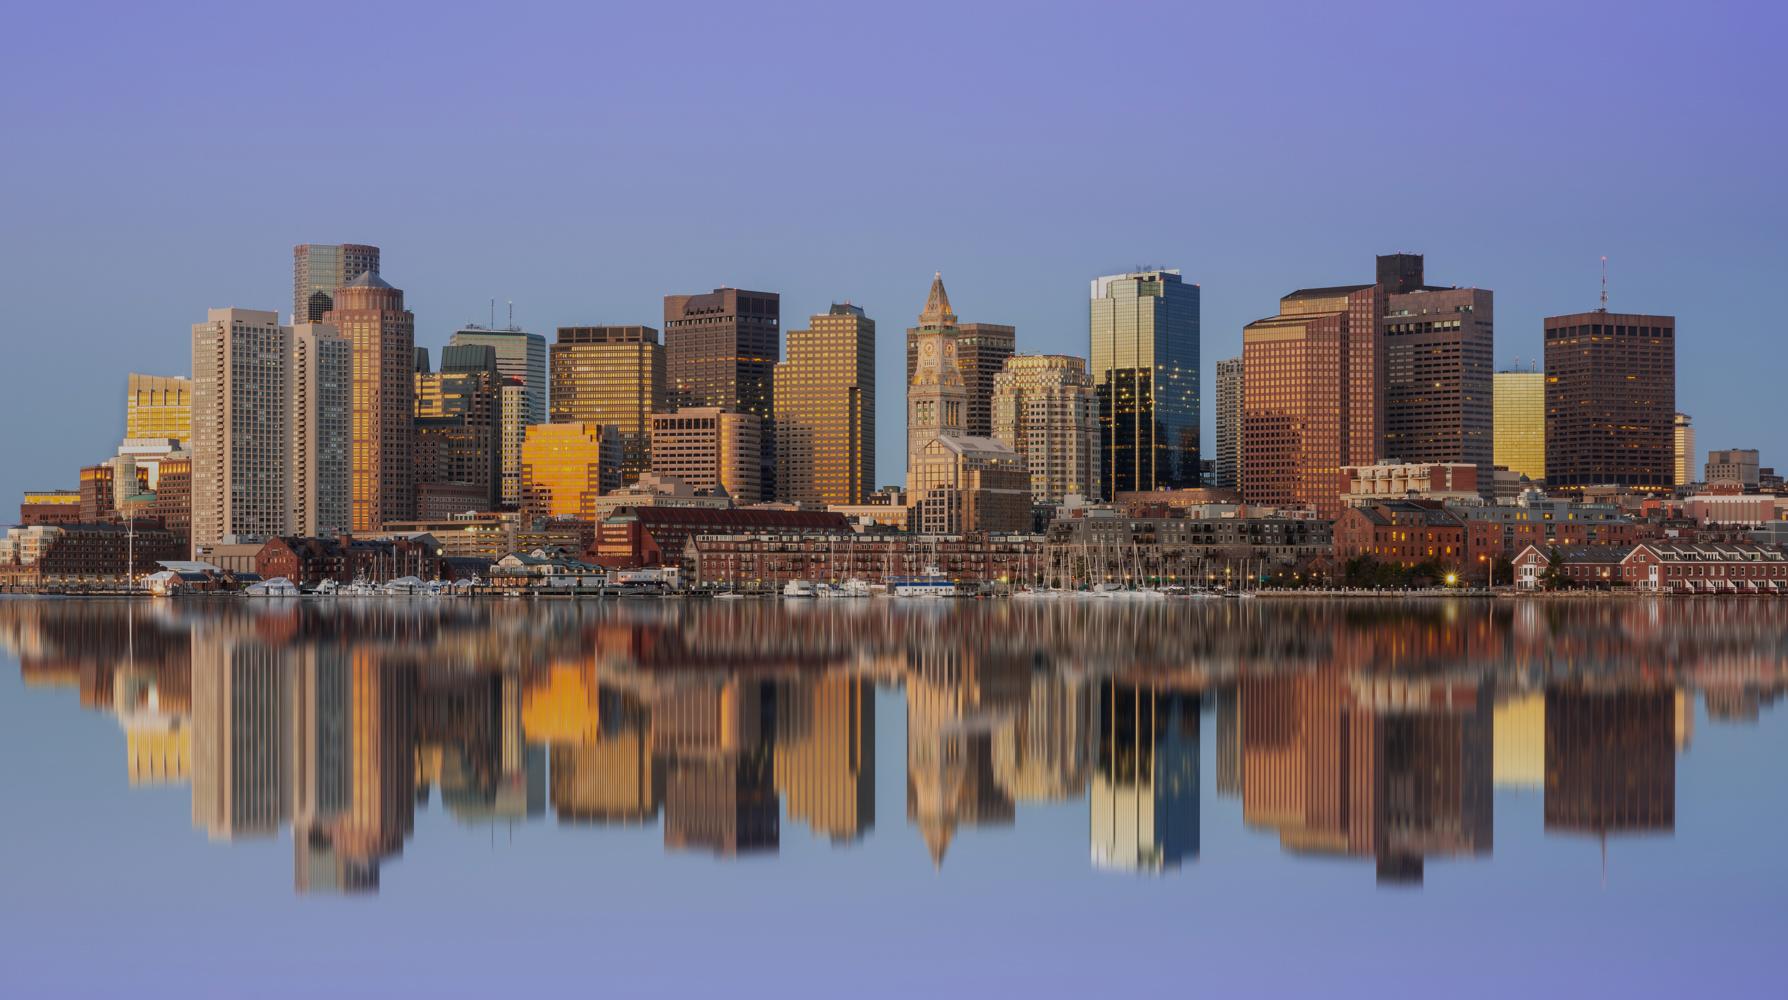 BostonSkylinefromEastie-copy.jpg